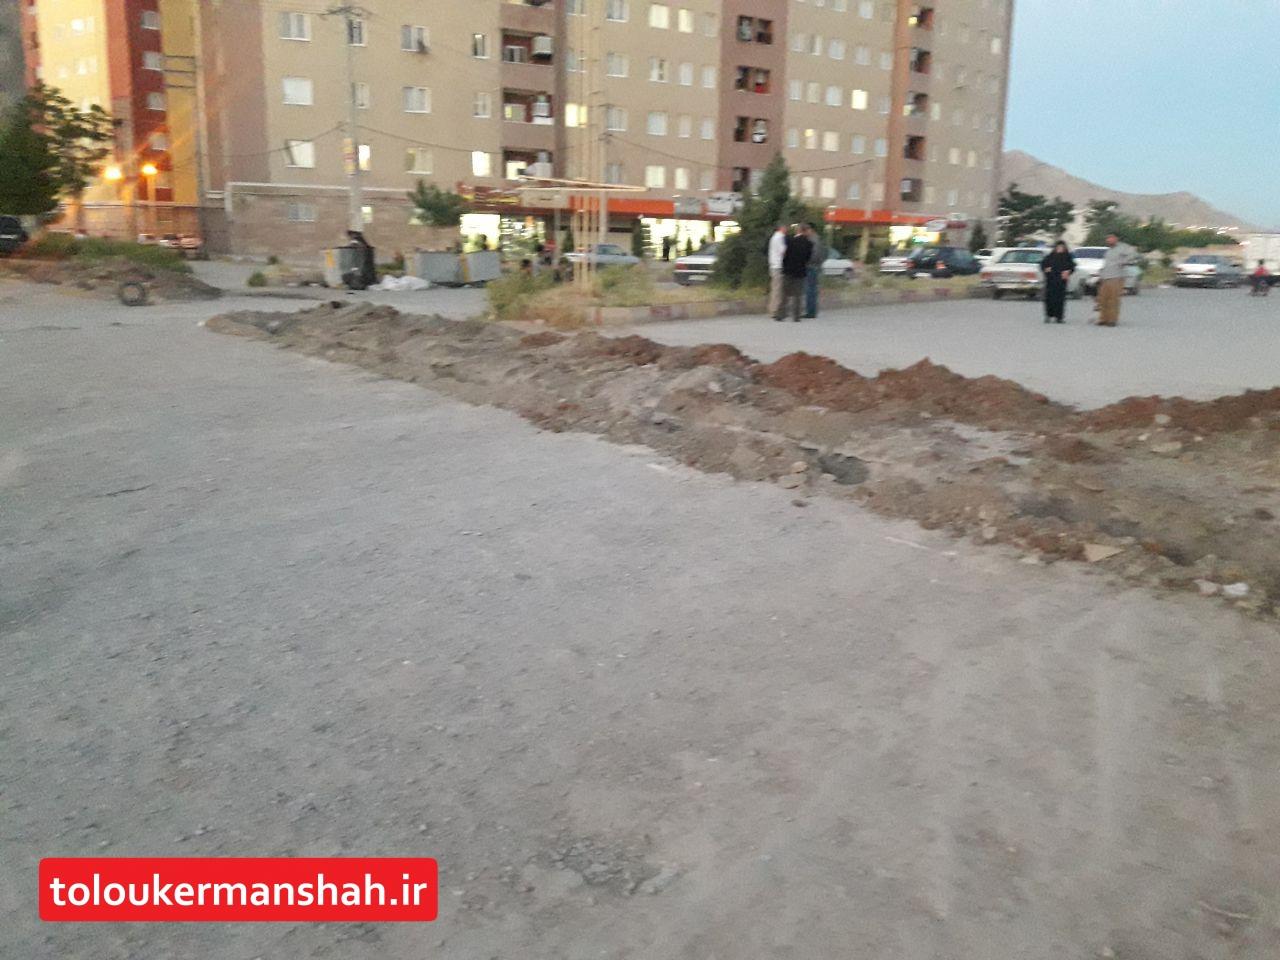 حفر زمین ساکنان شهرک رضویه را محصور کرد